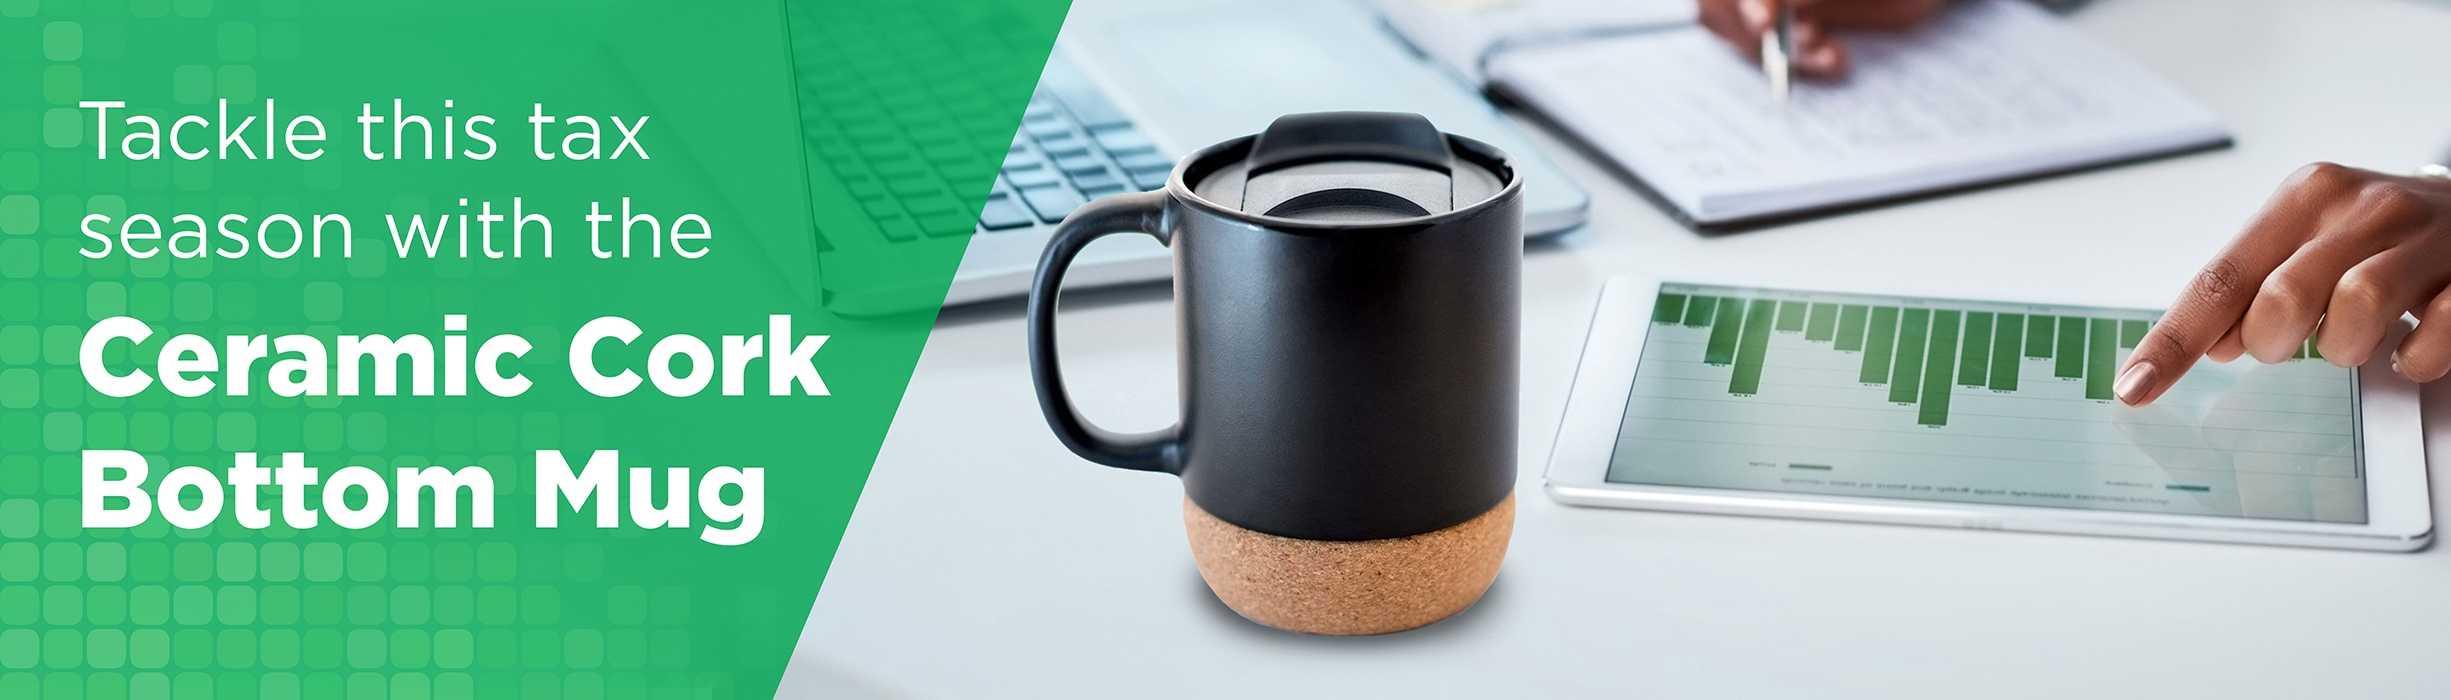 Ceramic Cork Bottom Mug AIM